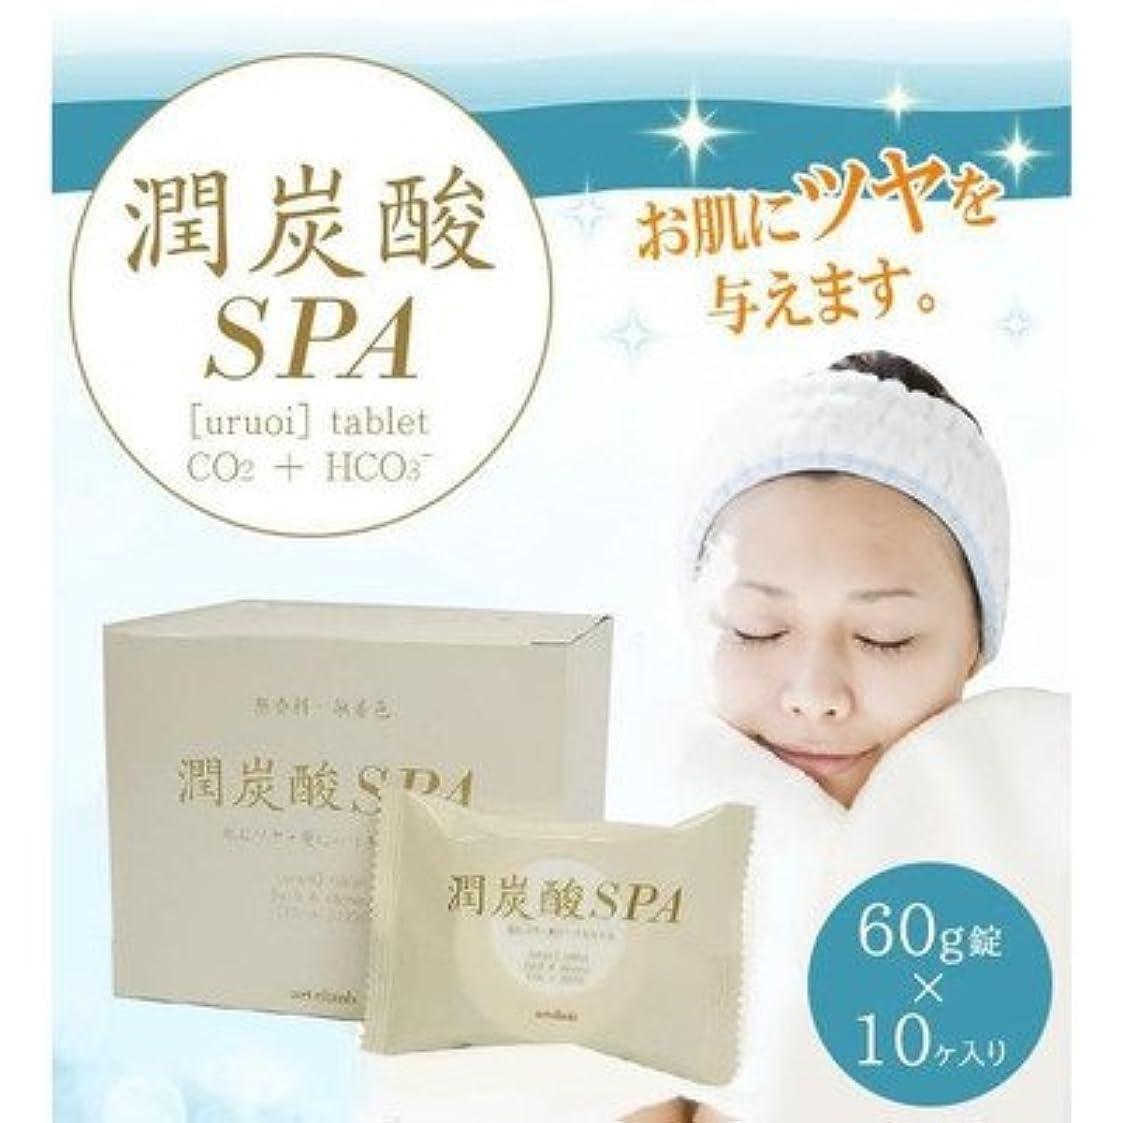 ピボット聖歌ばかげている潤炭酸SPA BS 60g錠×10ヶ入り (浴用化粧料)